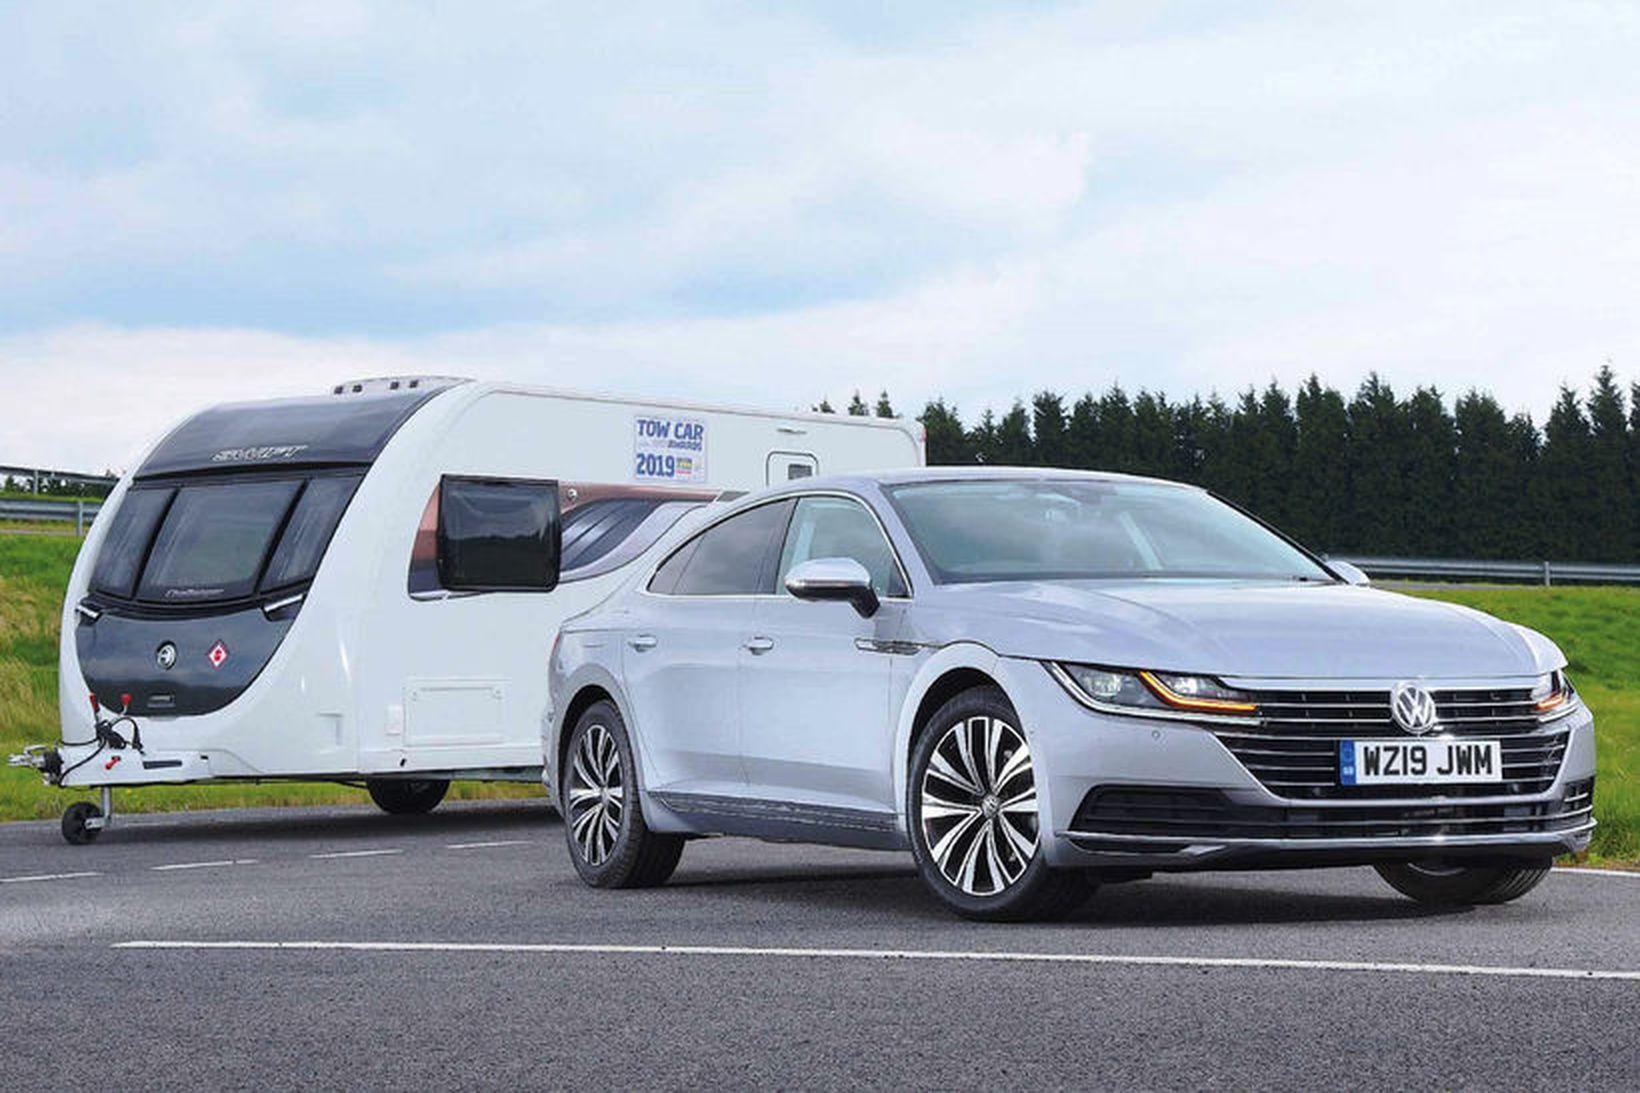 Volkswagen Arteon þótti liprastur og öruggastur í drætti hjólhýsa 2019.